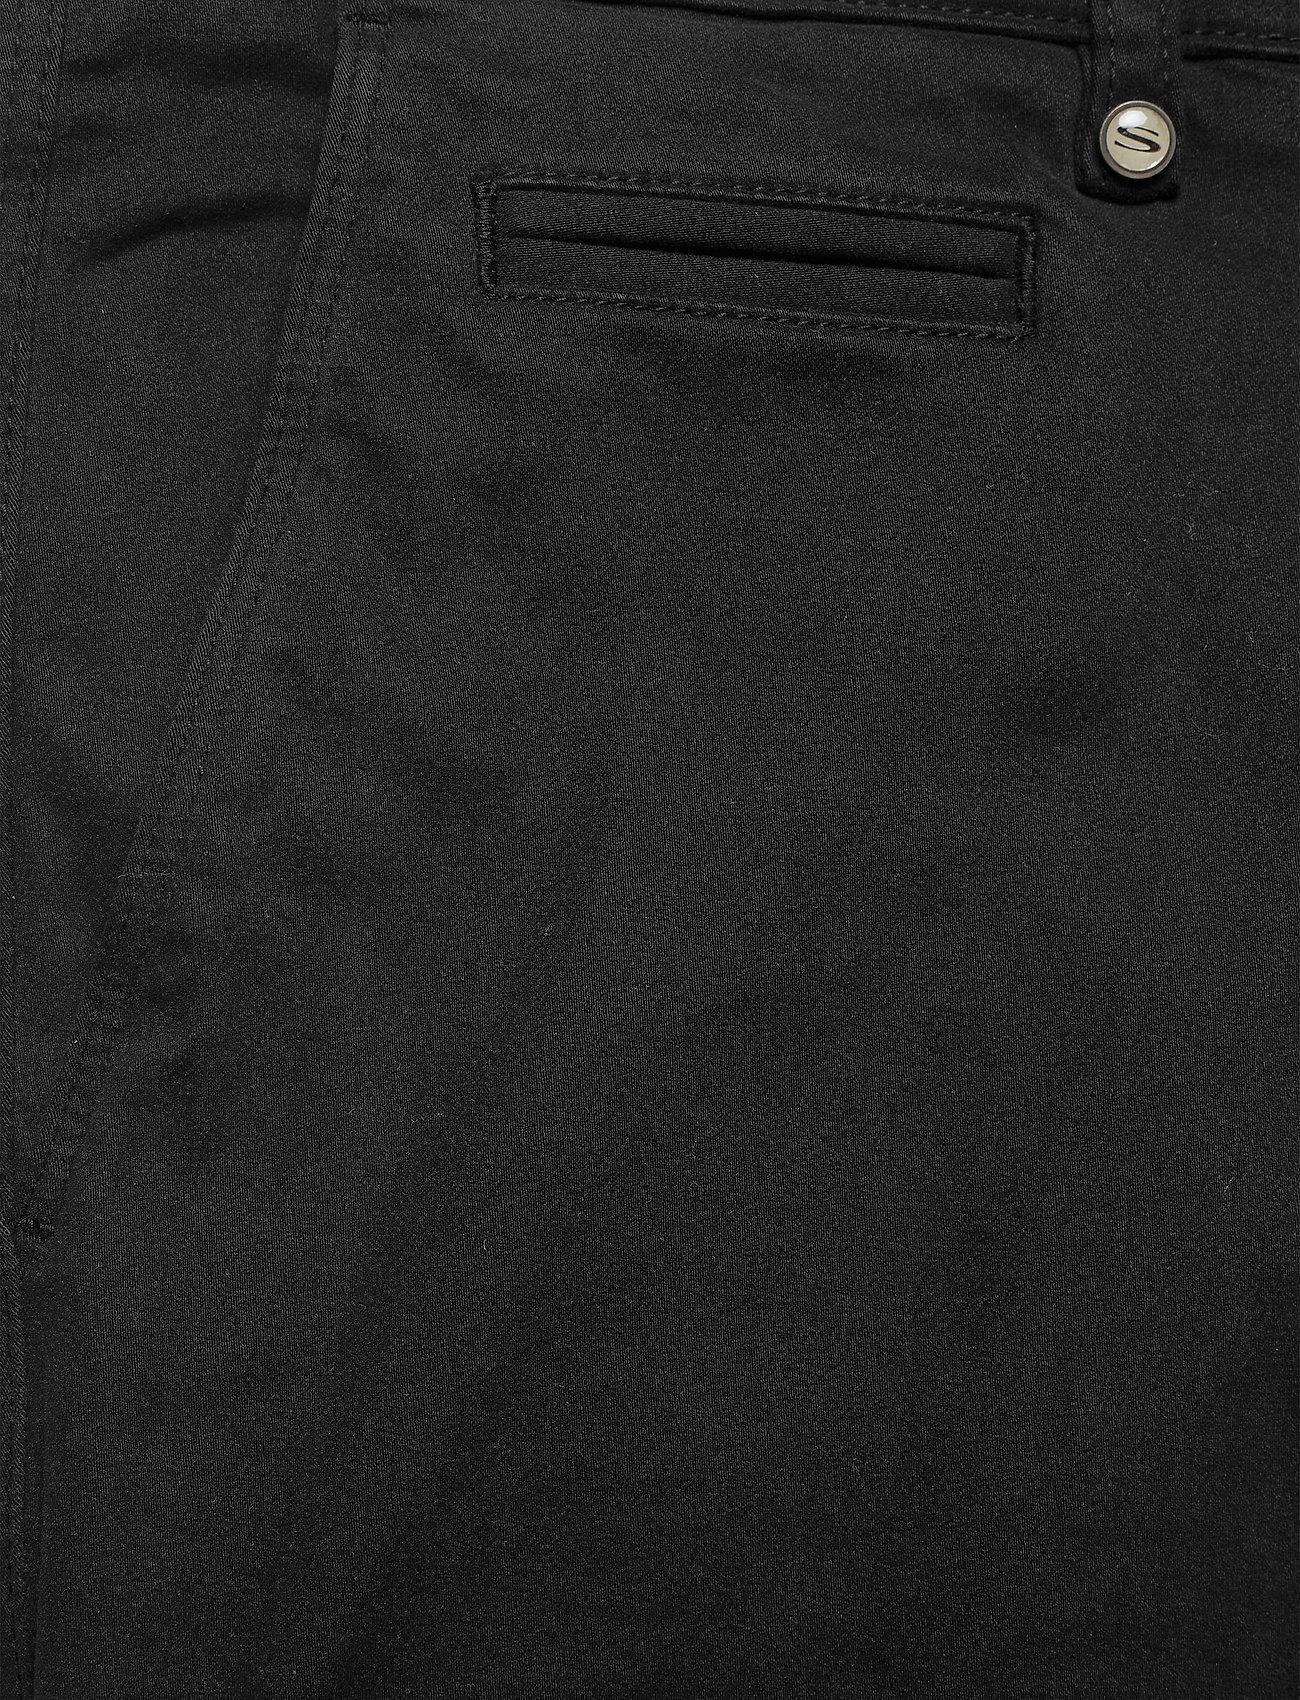 Suede Touch C - Dilan (Dark Blue/navy) (149 €) - SAND nw2HT